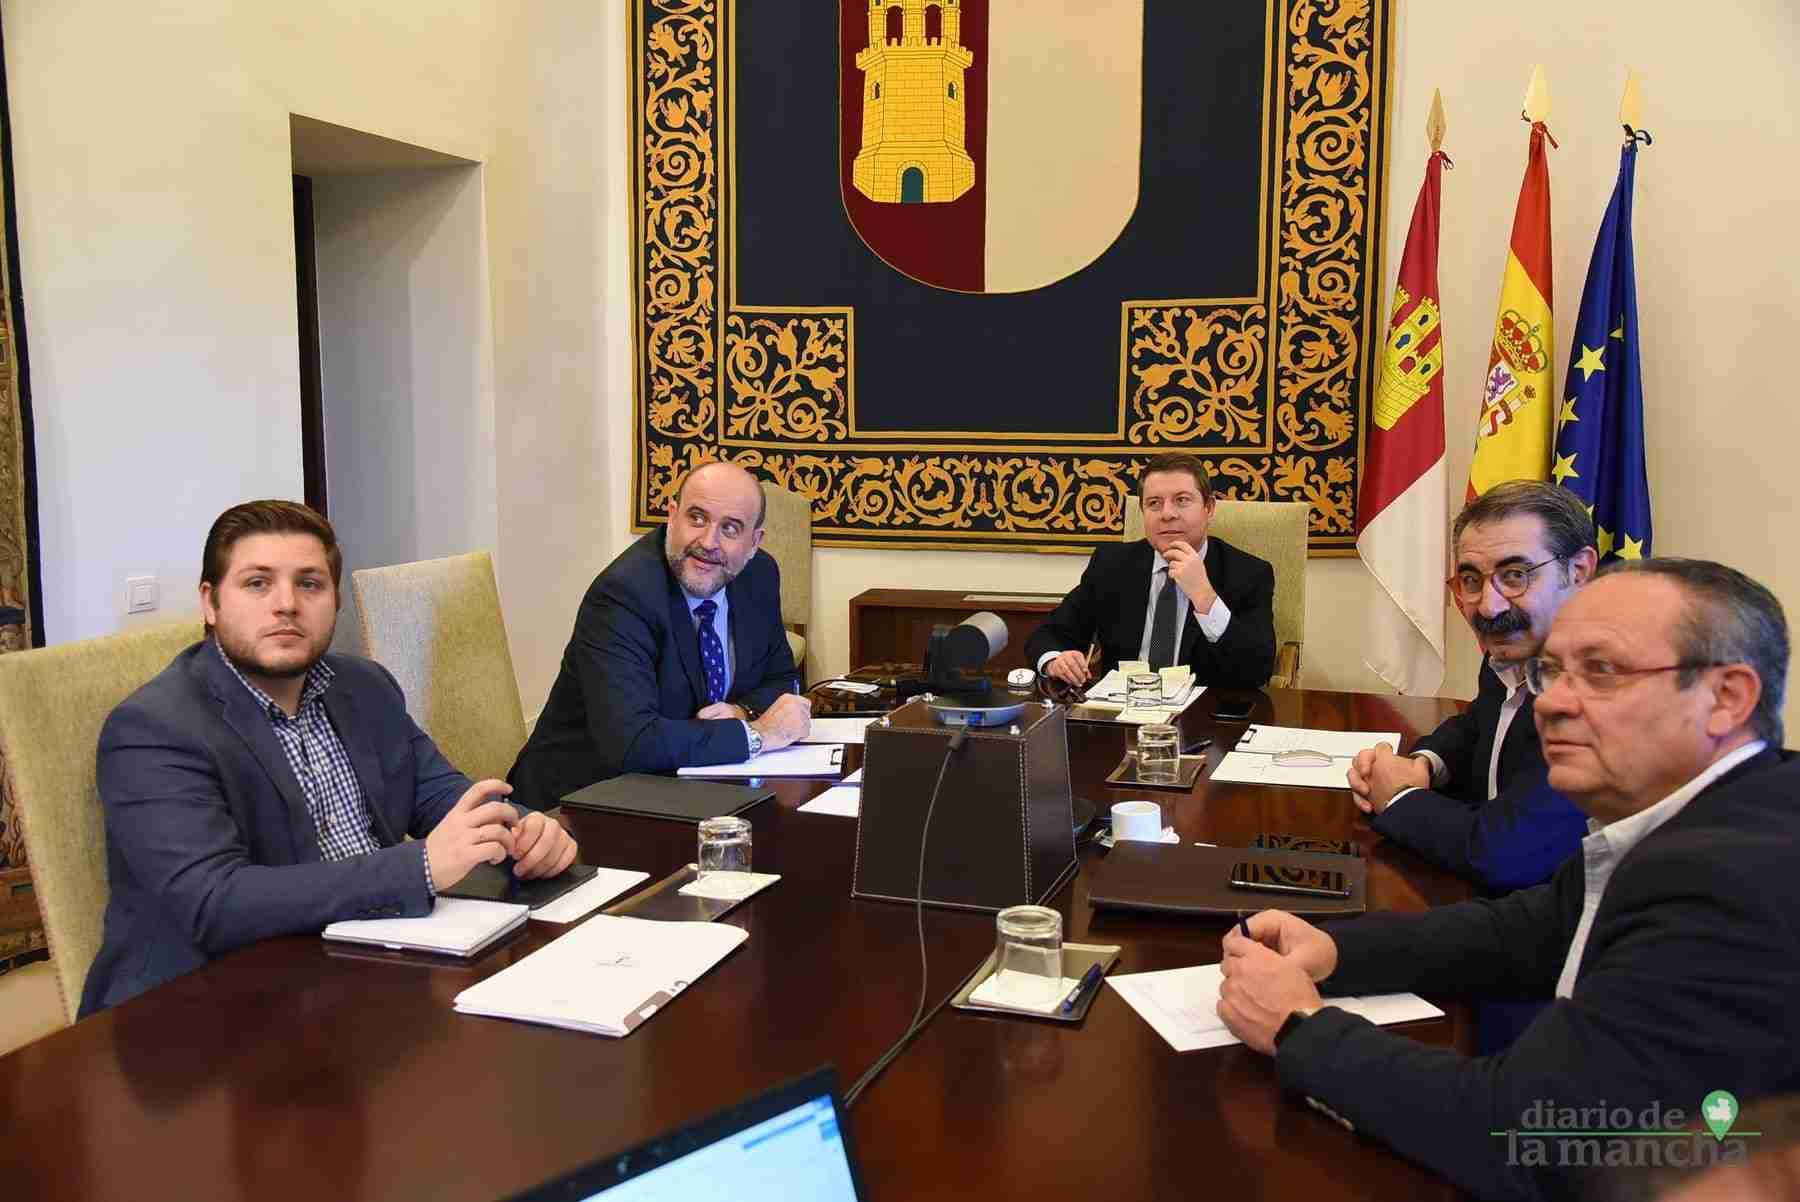 Videoconferencia de los presidentes autonómicos con el presidente del Gobierno de España 23